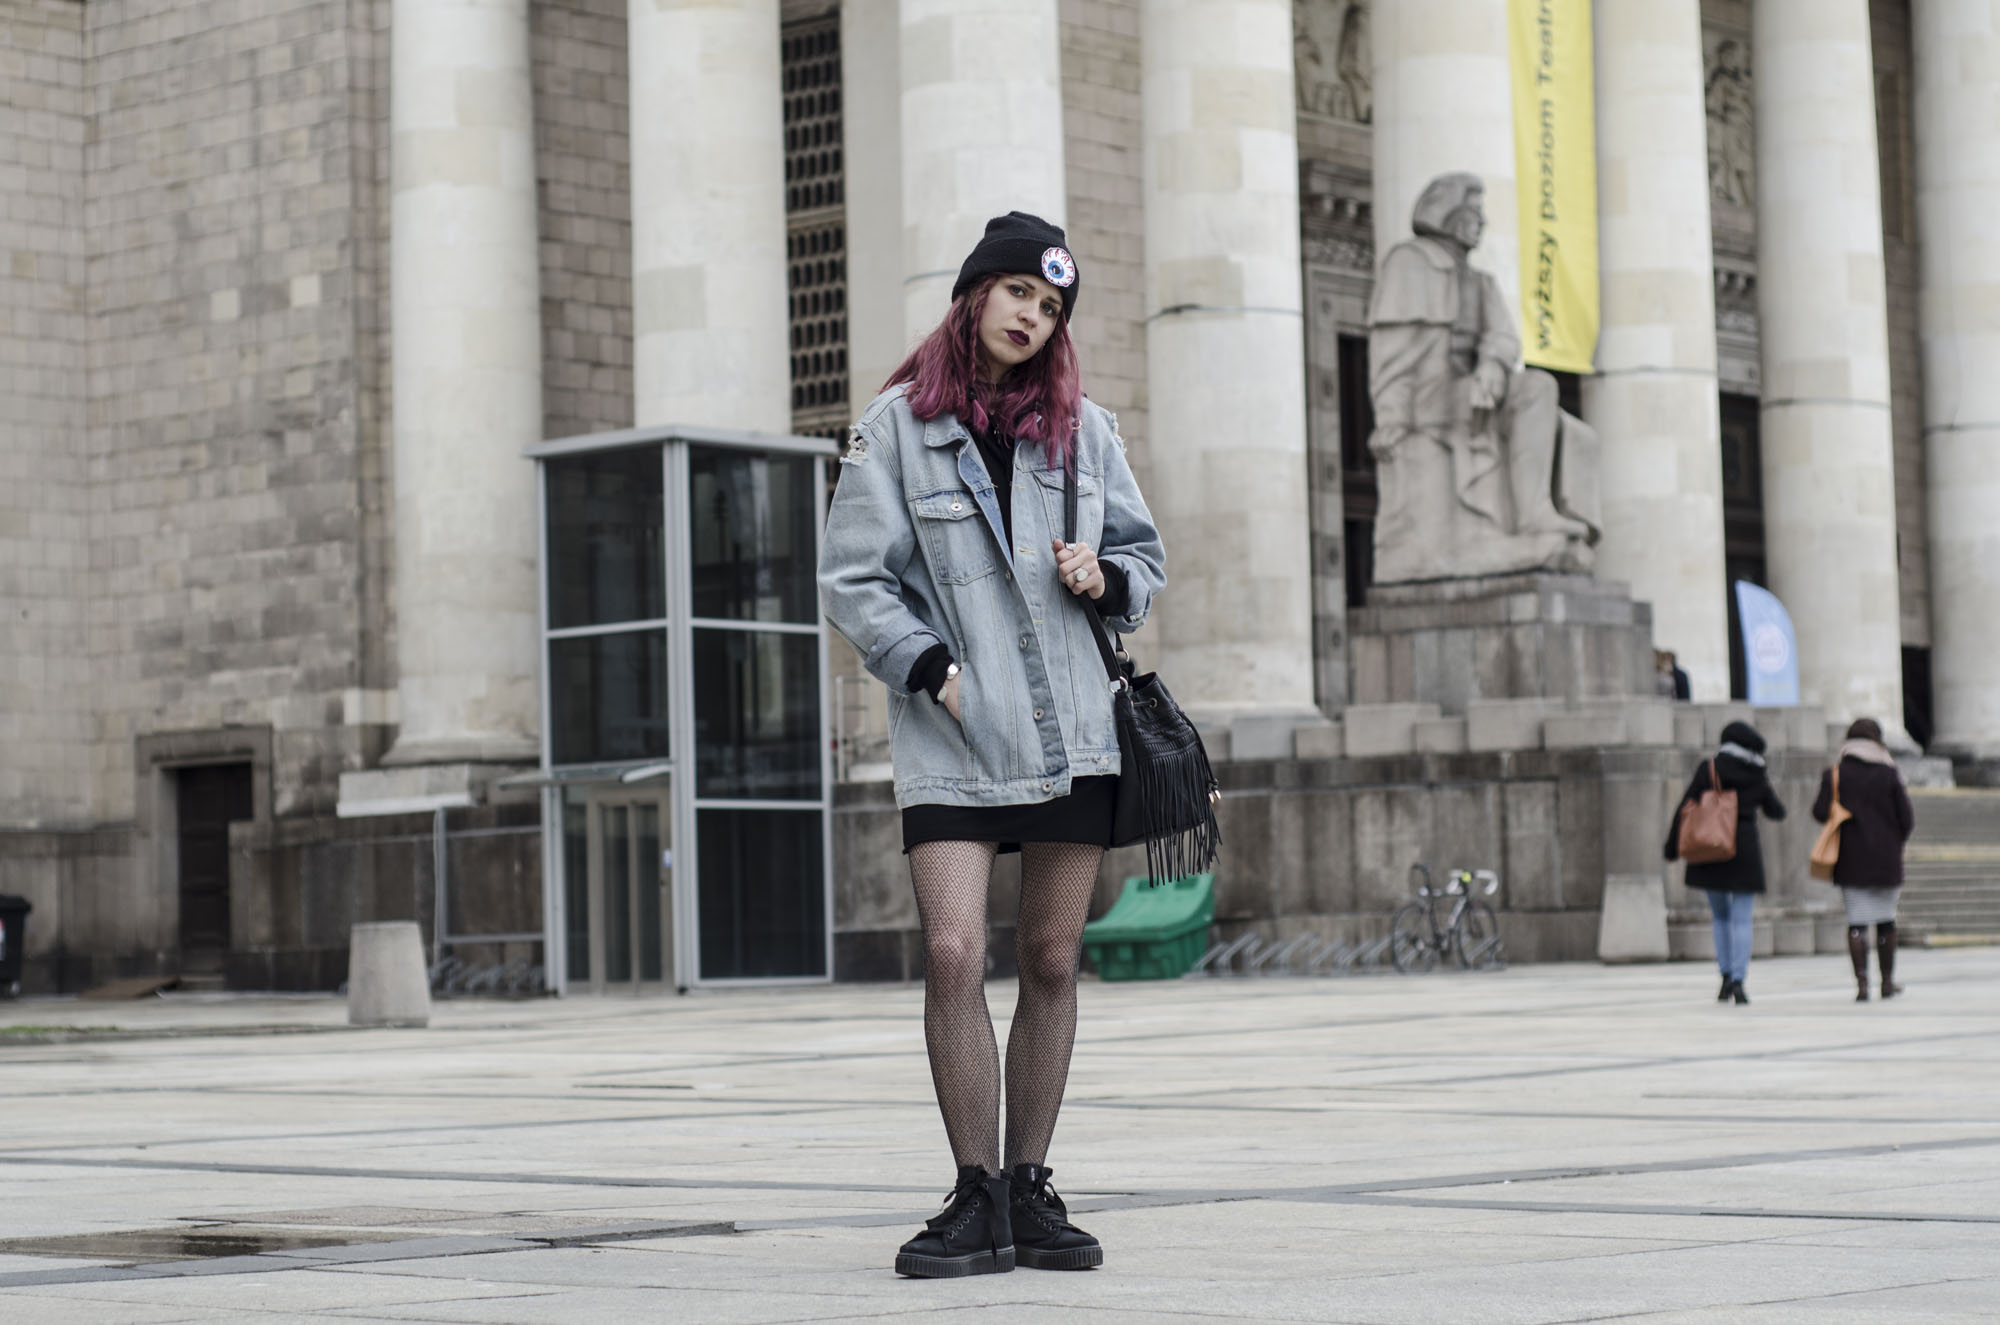 polska blogerka alternatywna